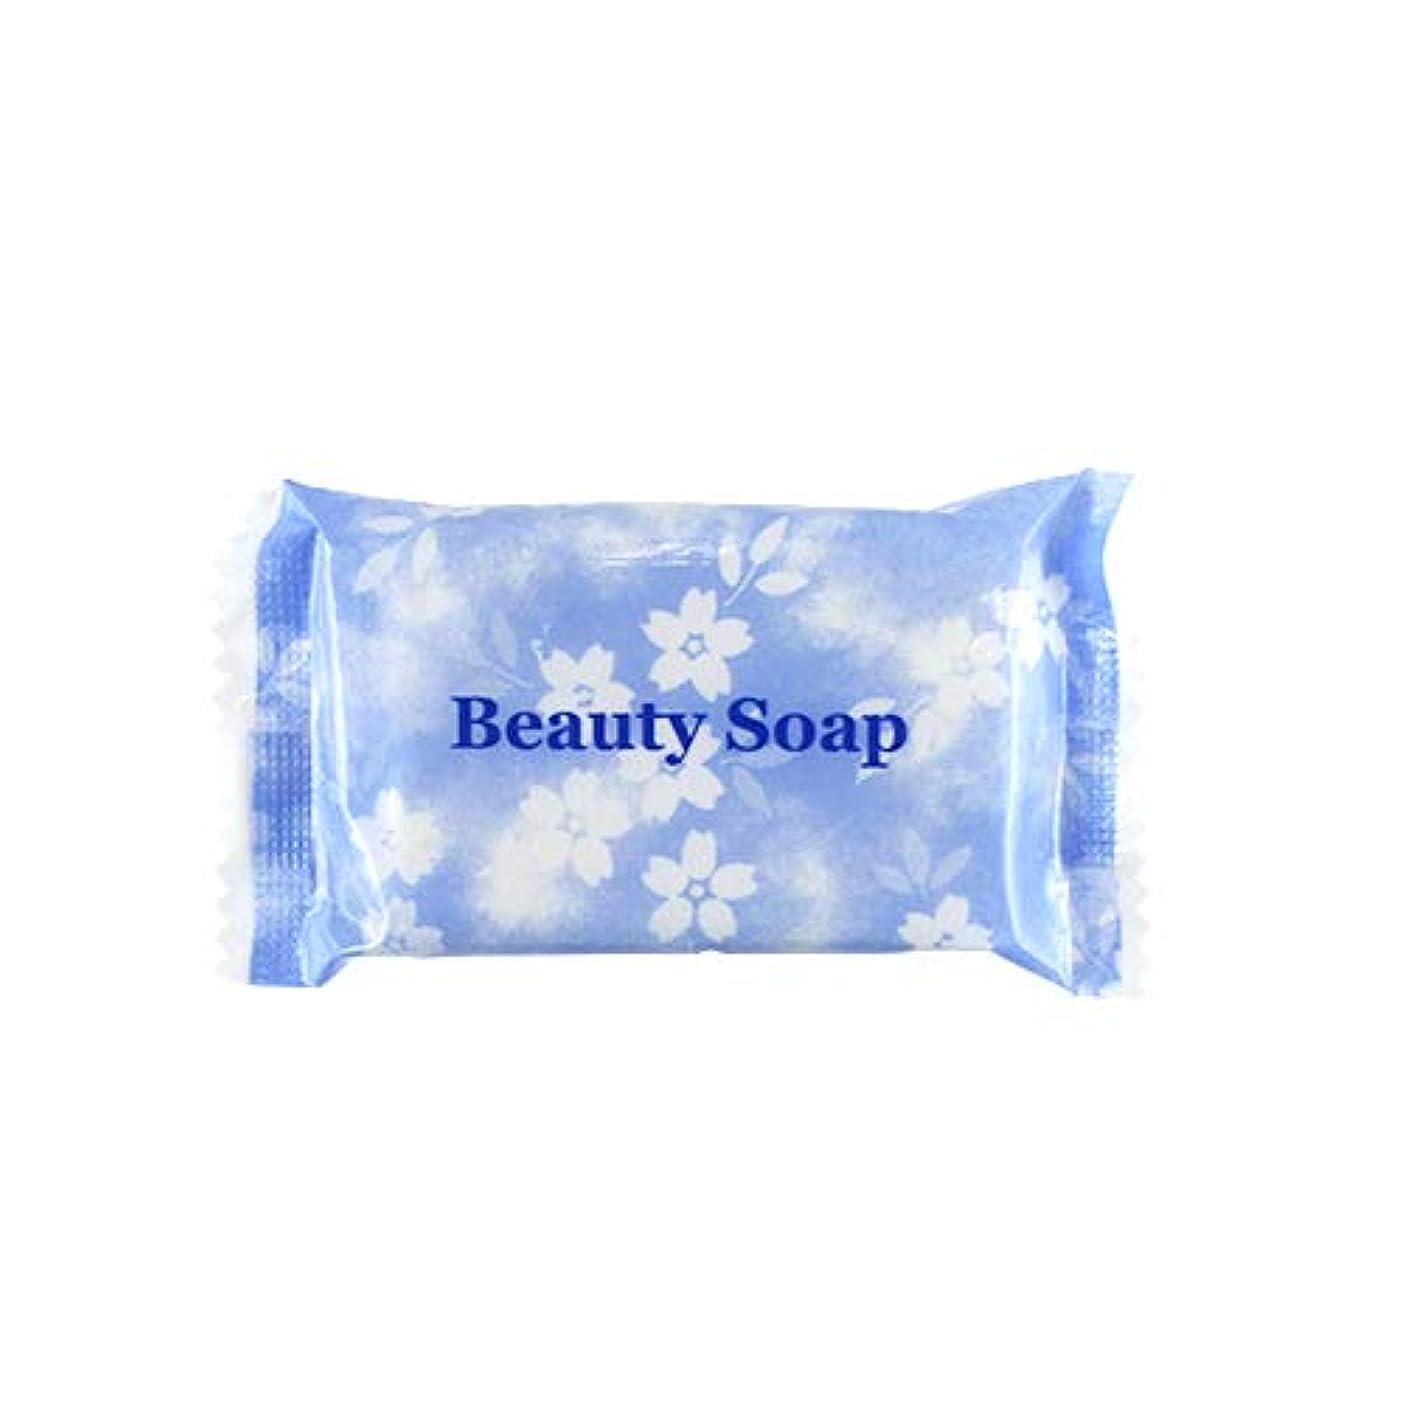 十一頼むチャンス業務用 クロバーコーポレーション ビューティーソープ(Beauty Soap) 15g×100個セット | ホテルアメニティ 個包装